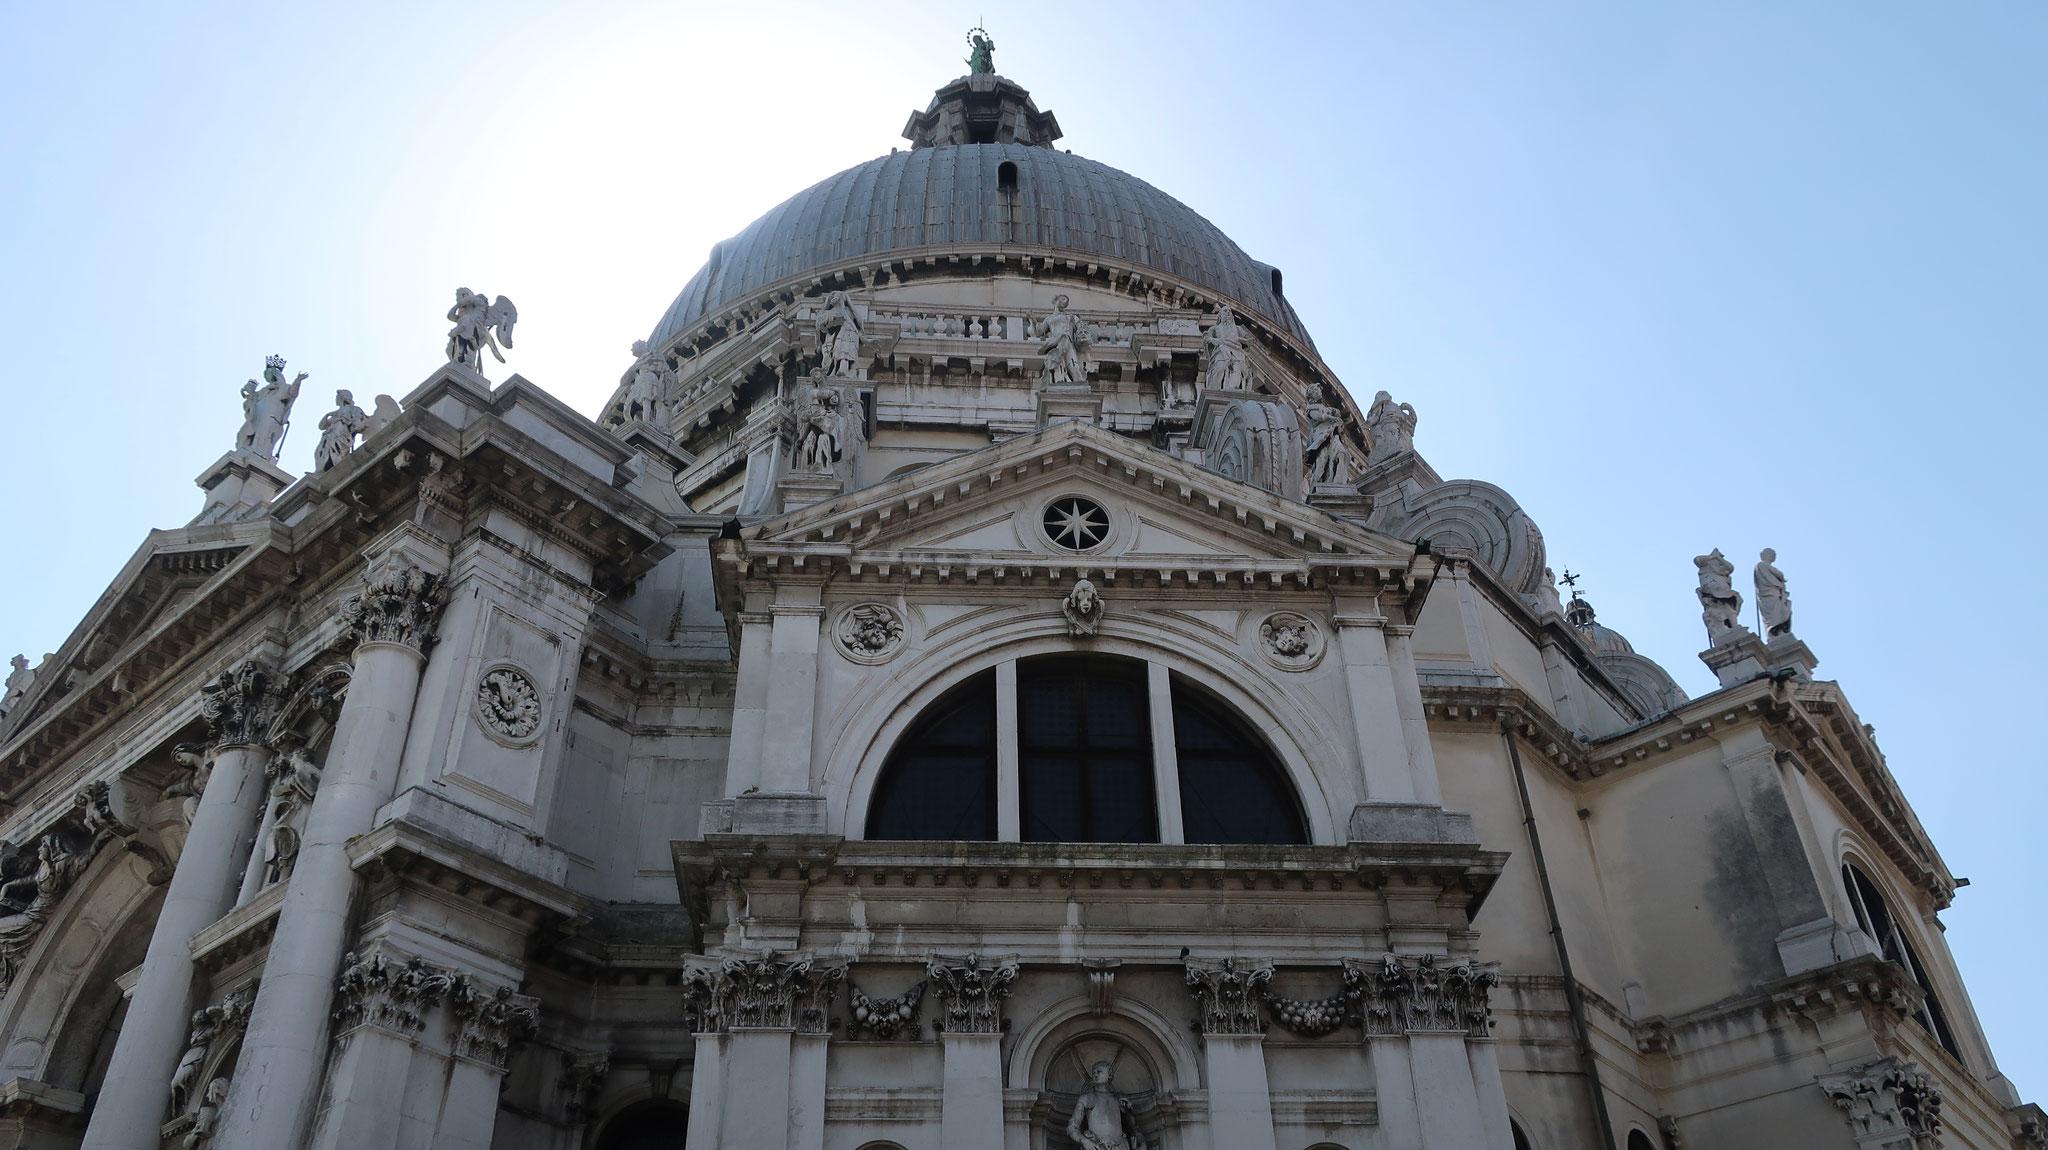 サンタ・マリア・デッラ・サルーテ教会。17世紀、多くの命を奪ったペストが鎮まった事を聖母マリアに感謝して、ロンゲーナが50年かけて建築しました。